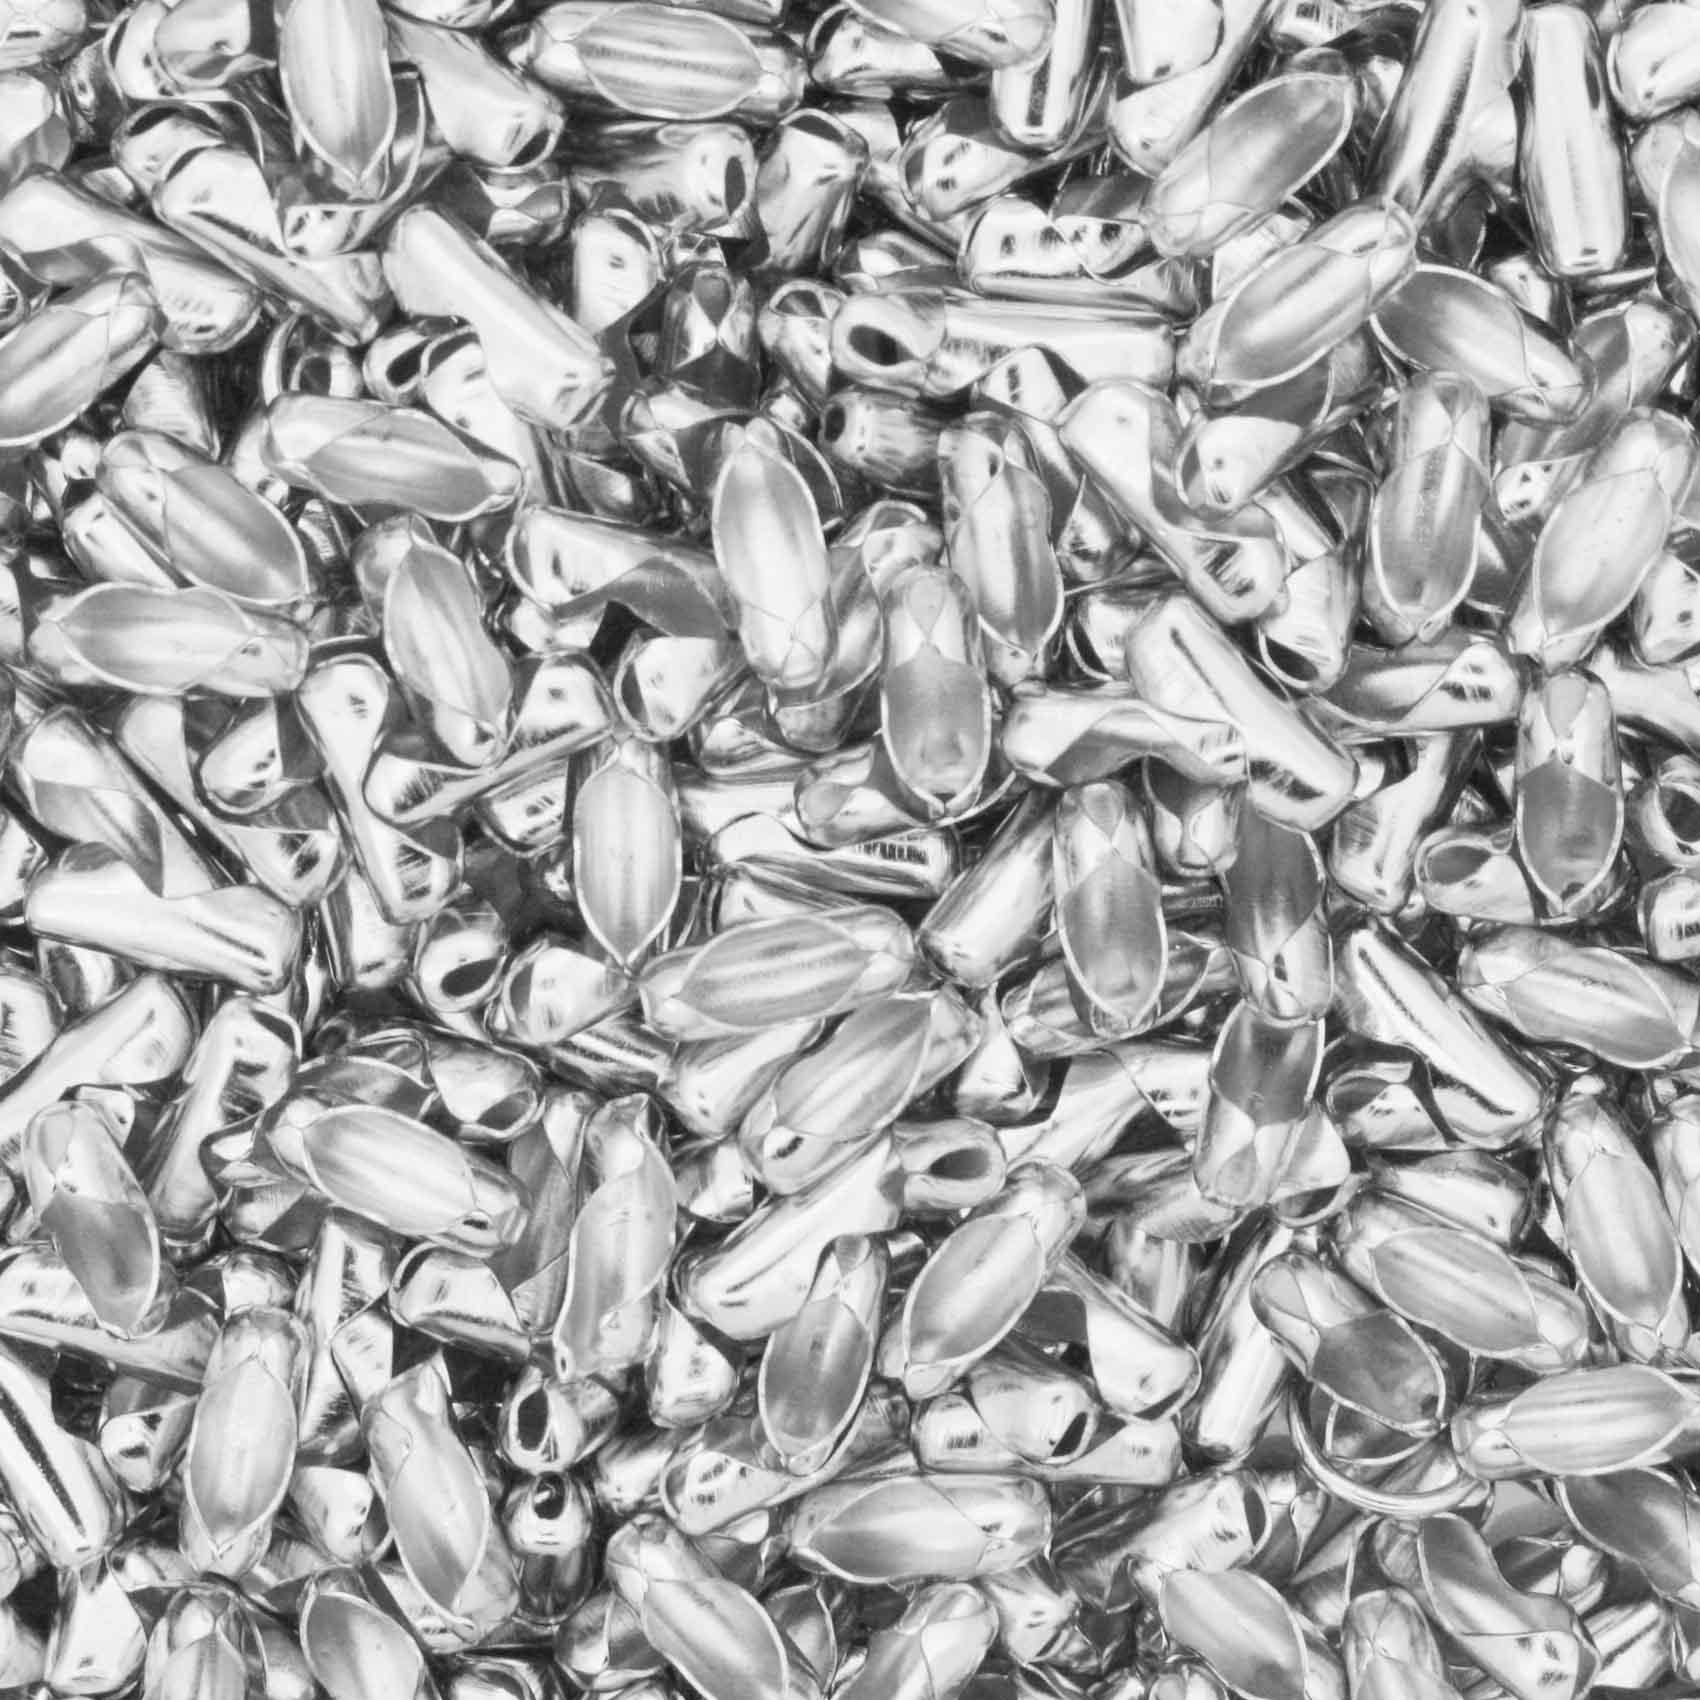 Fecho p/ Corrente de Bolinha - 2,0mm - Níquel  - Stéphanie Bijoux® - Peças para Bijuterias e Artesanato